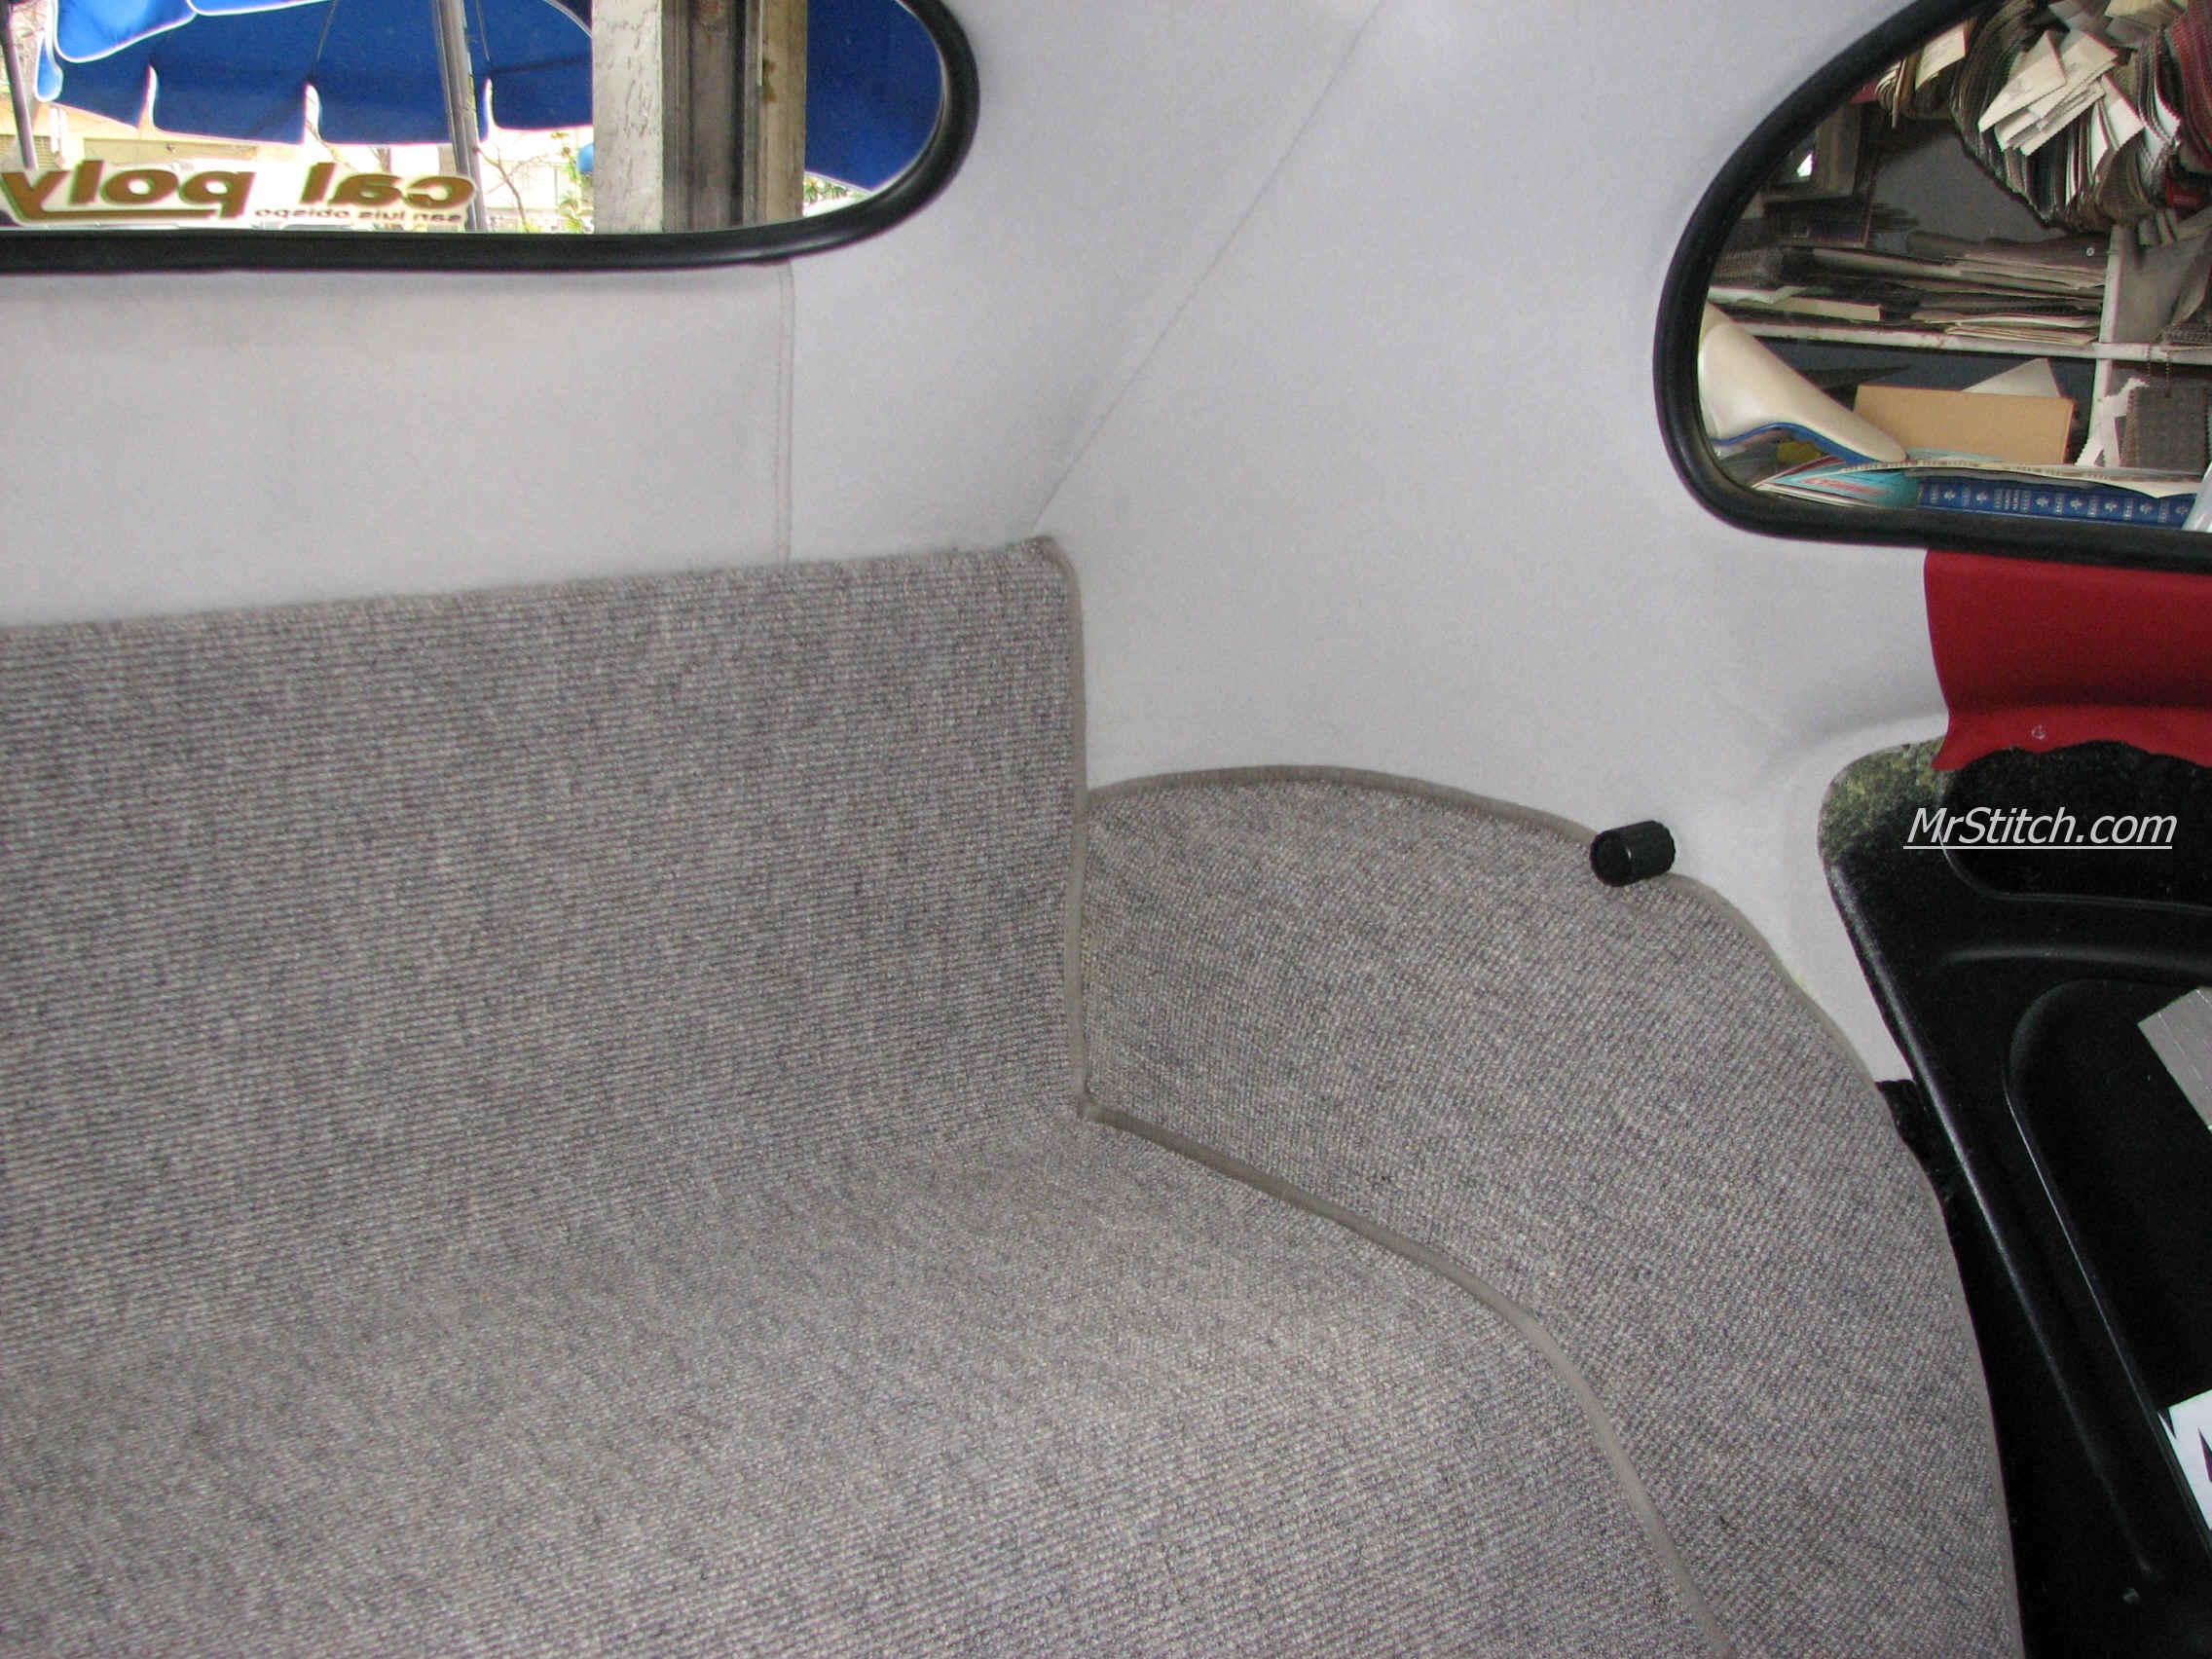 Vw carpet carpet ideas for How often should you replace carpet